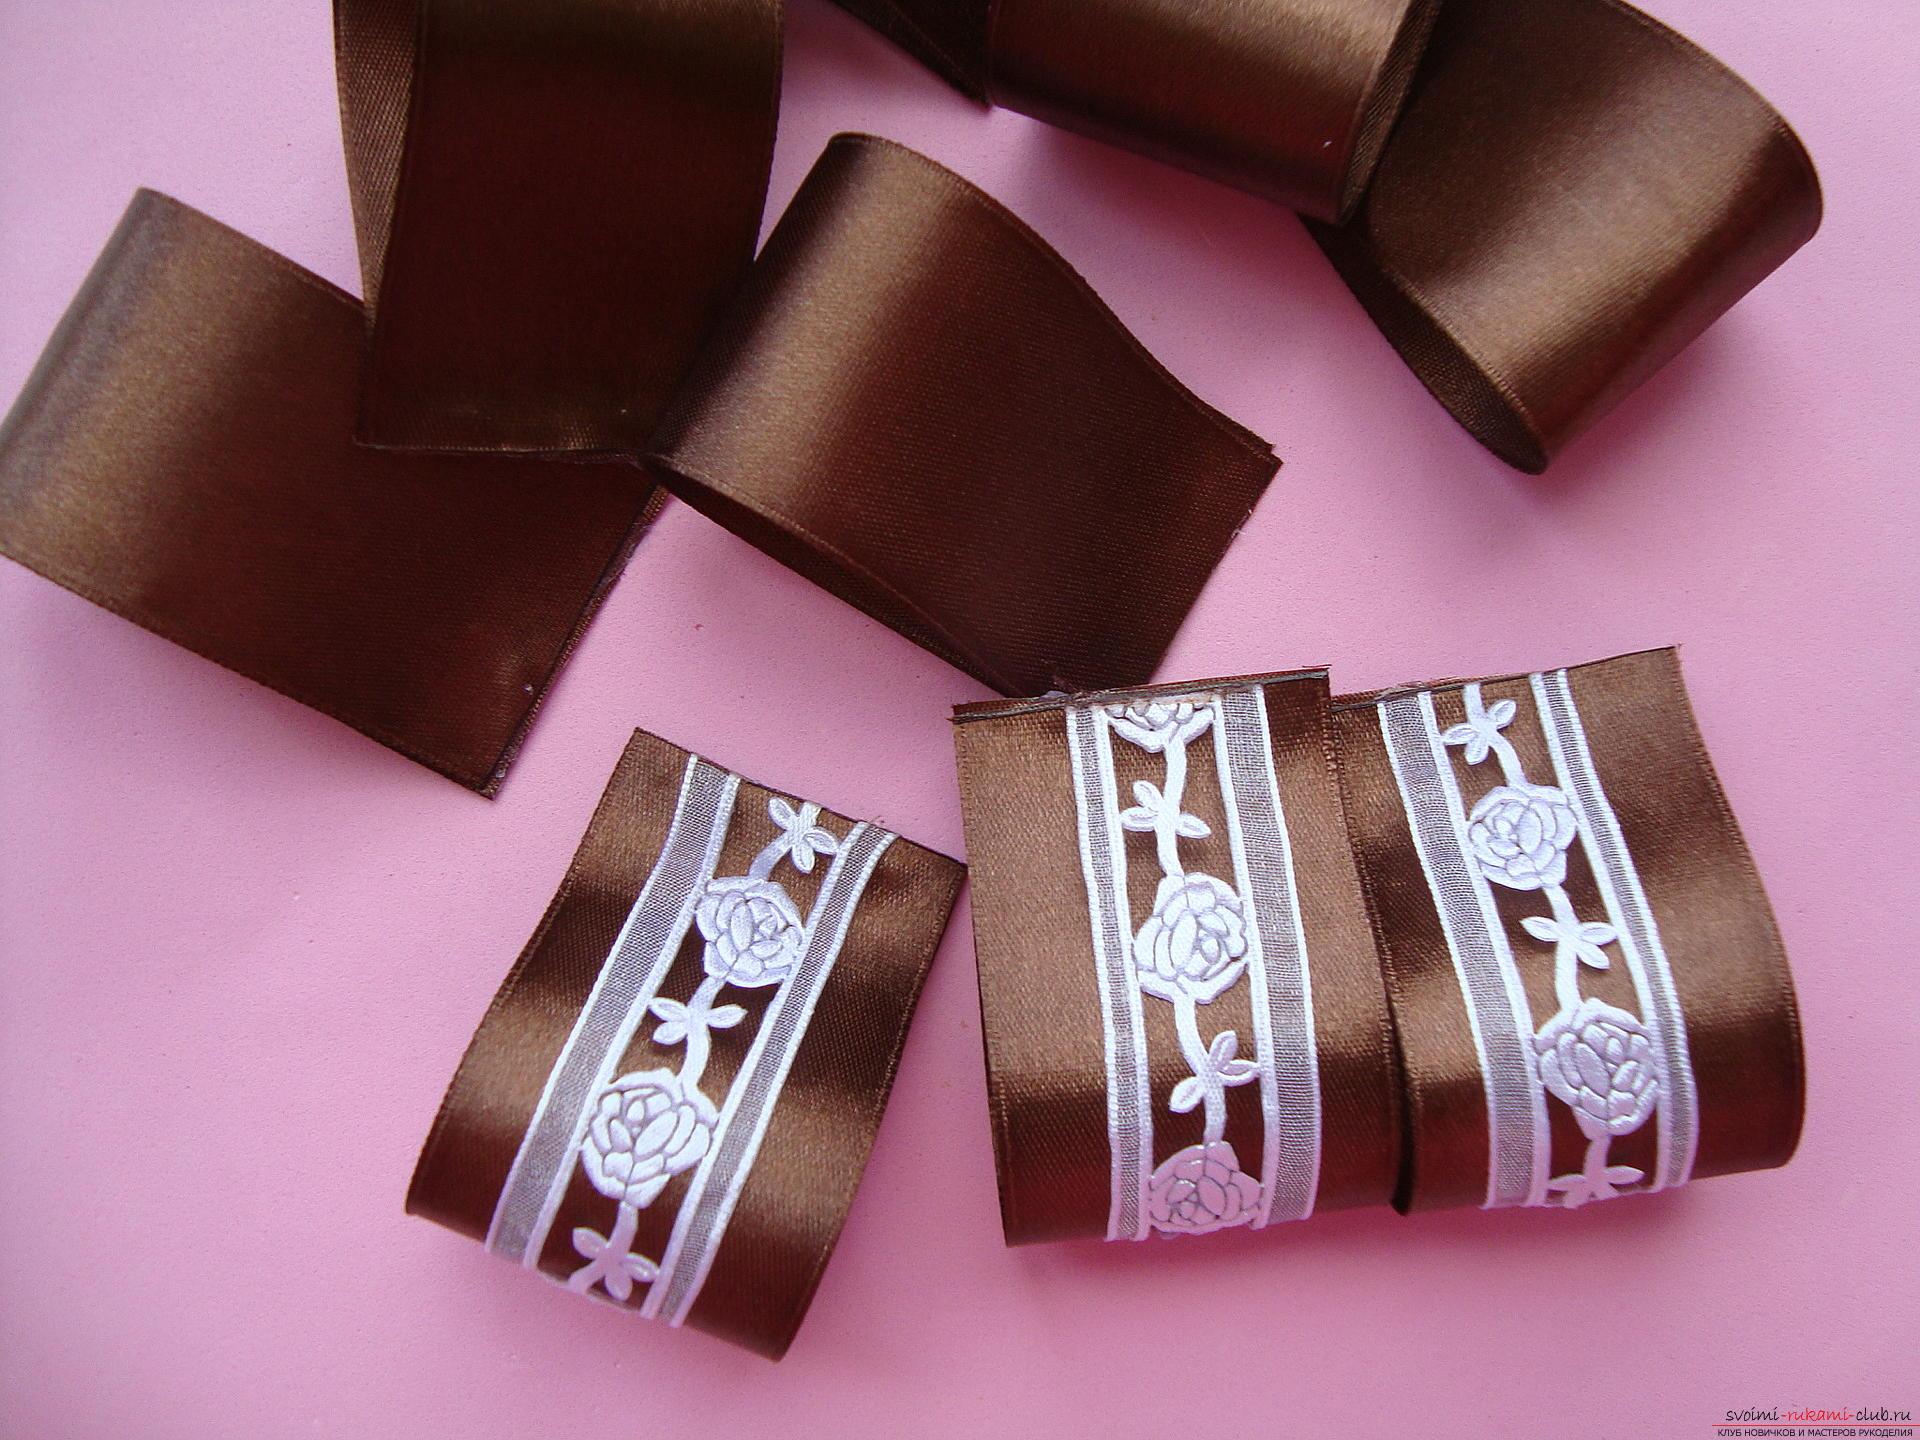 Покрокова інструкція з виготовлення об'ємного краватки і бантів. фото №5